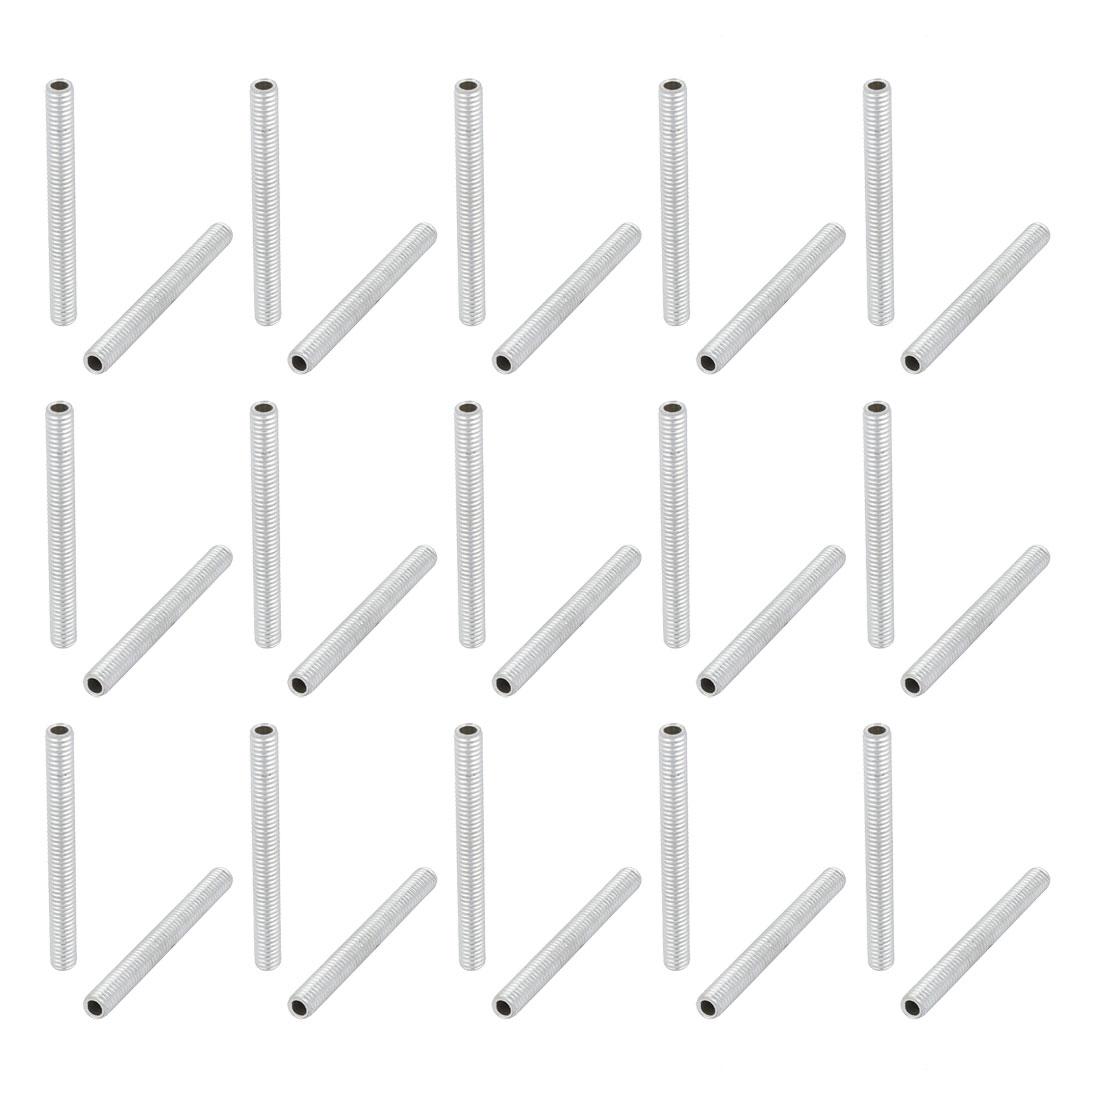 30pcs Metric M6 Thread Zinc Plated Hollow Pipe Nipple Lamp Repair Part 55mm Long